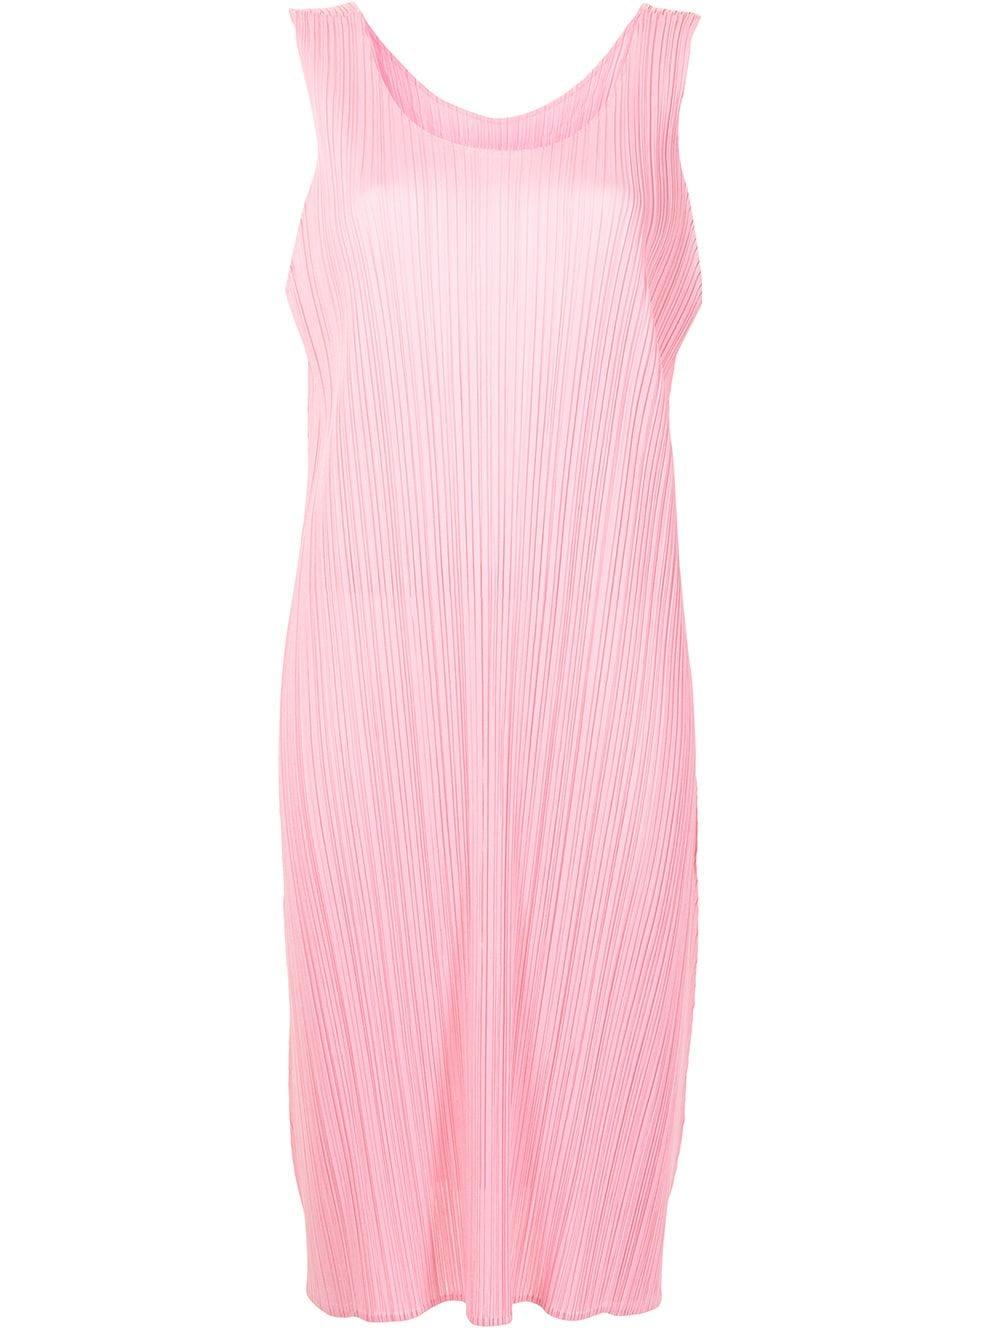 PLEATS PLEASE | Dress | PP16JH21622